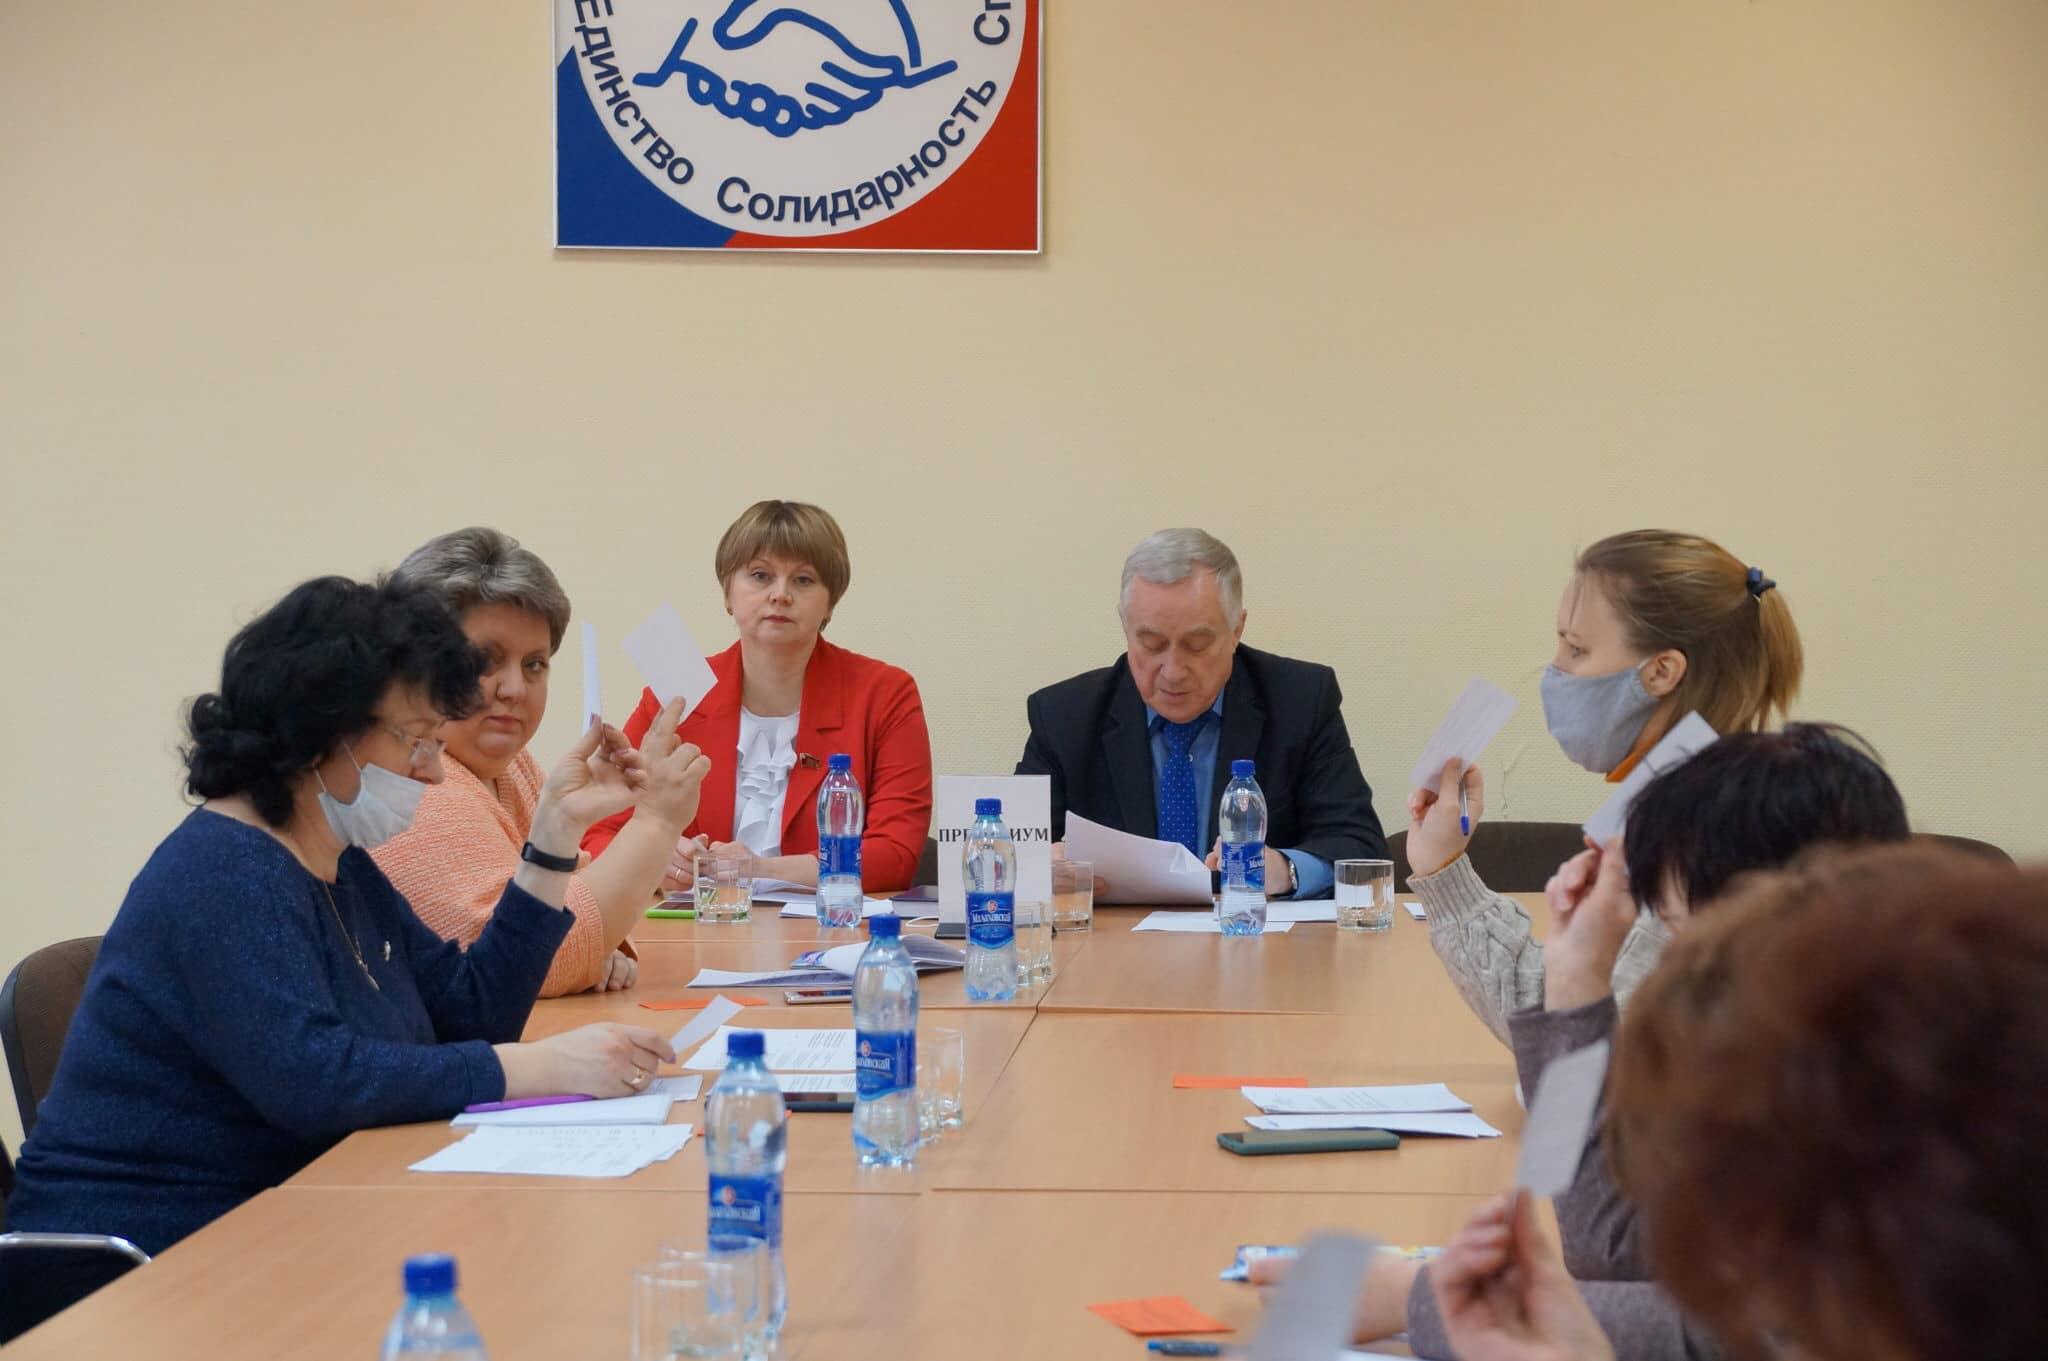 Состоялась II внеочередная конференция областной организации Российского профсоюза работников промышленности